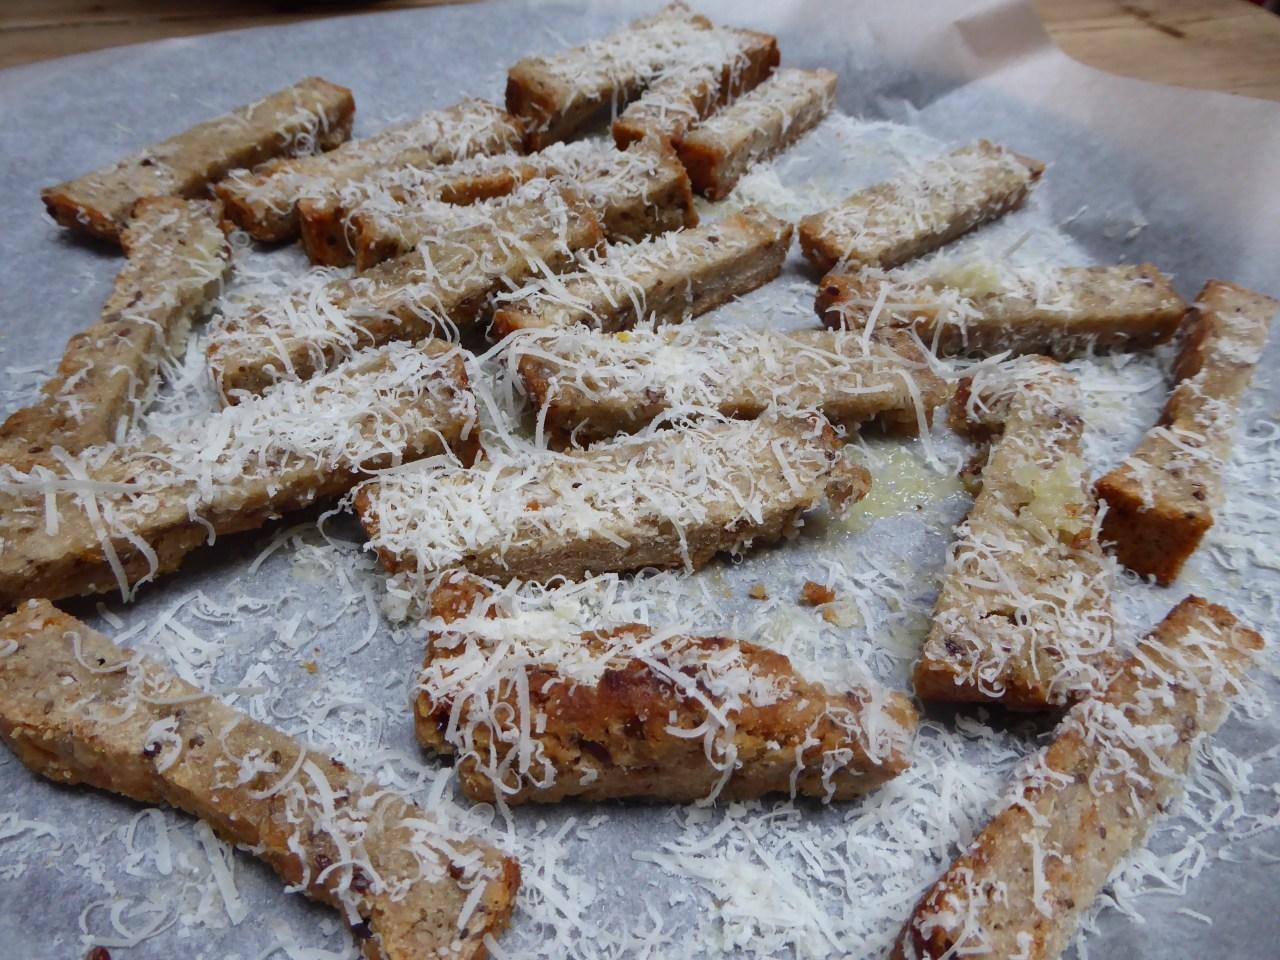 Dryss revet parmesan over